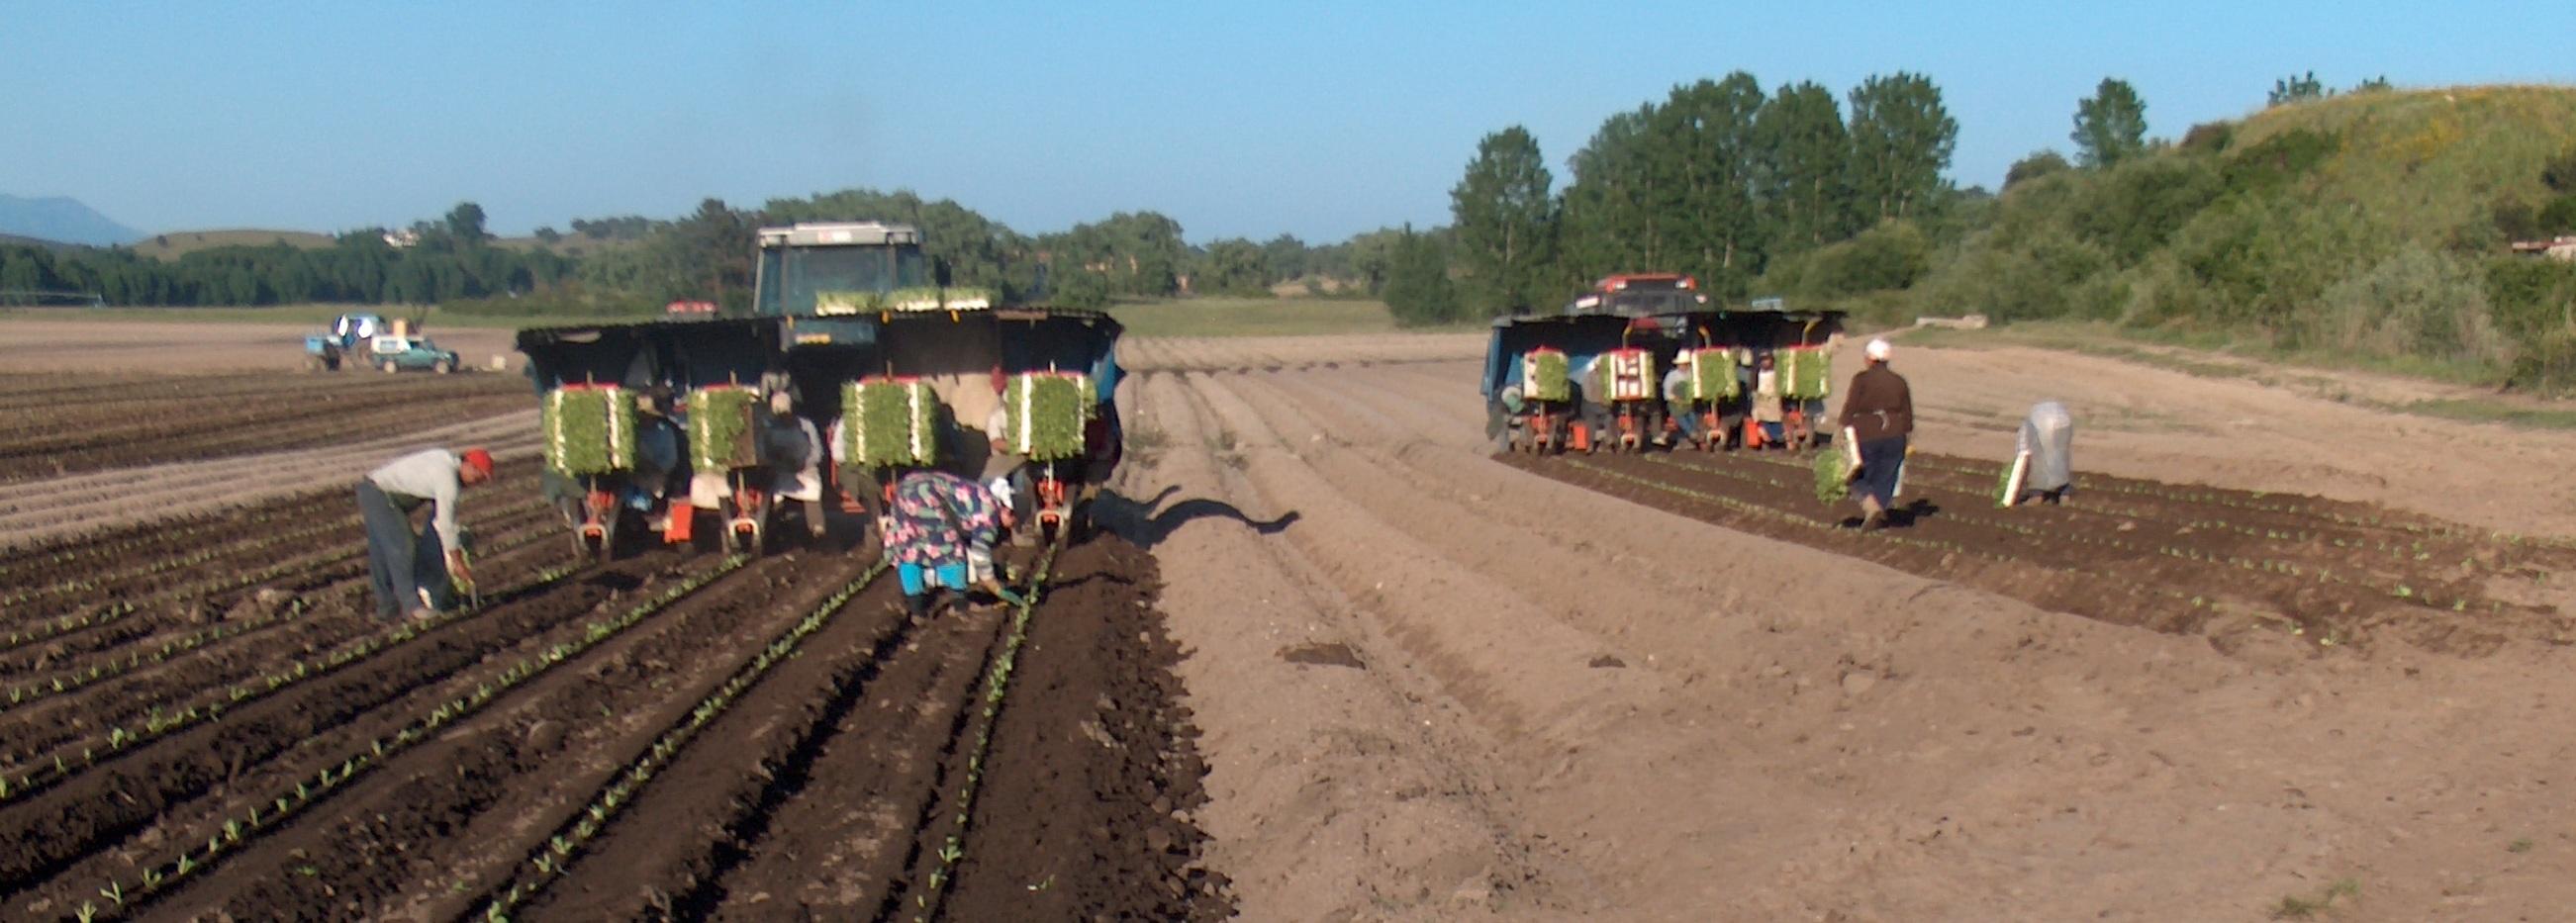 agricultores cultivando el campo